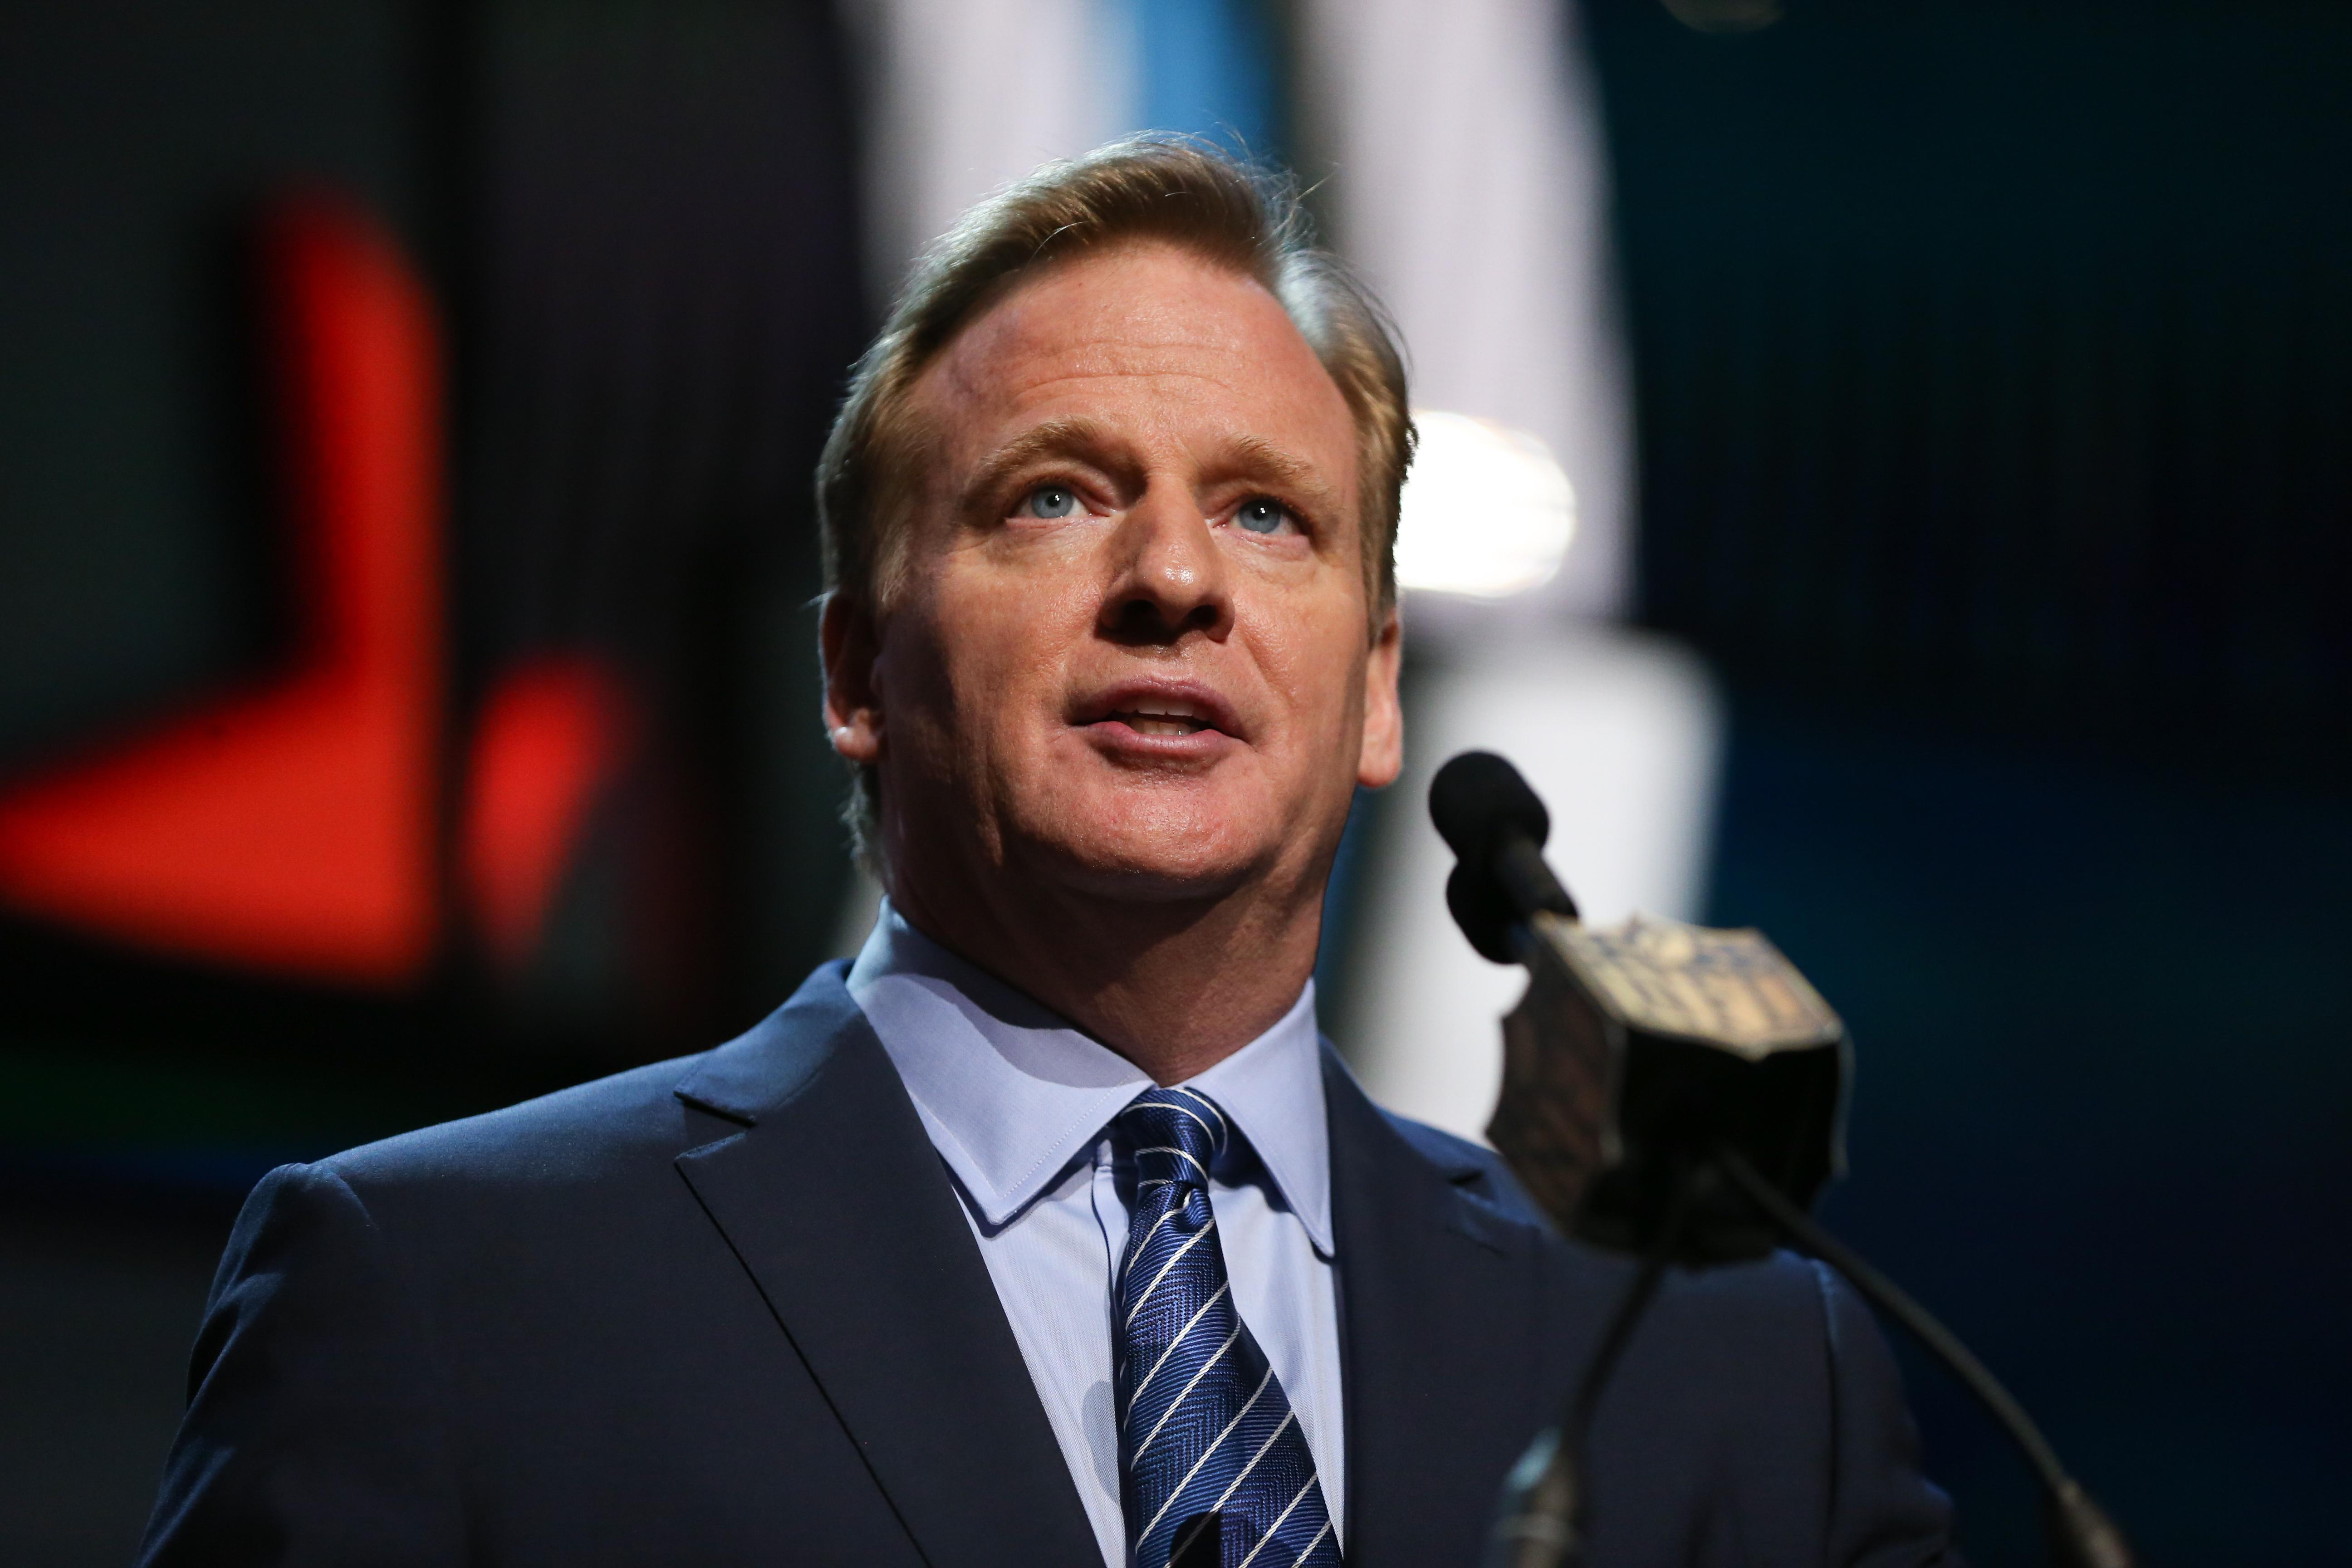 NFL Commissioner Roger Goodell in Chicago on April 30, 2015.